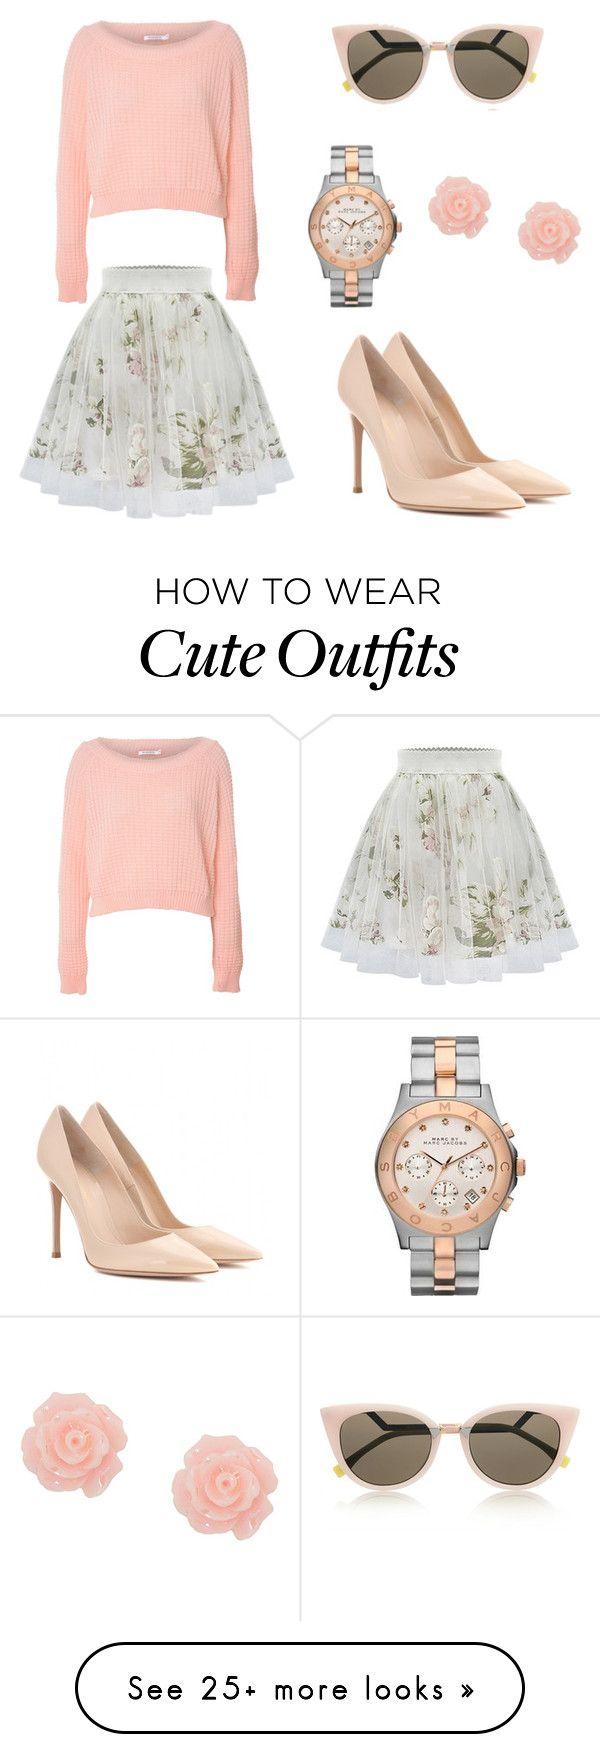 Falda de gasa caída blanca con estampado de flores verde, chaleco corto de lana rosa palo y tacones rosa palo.